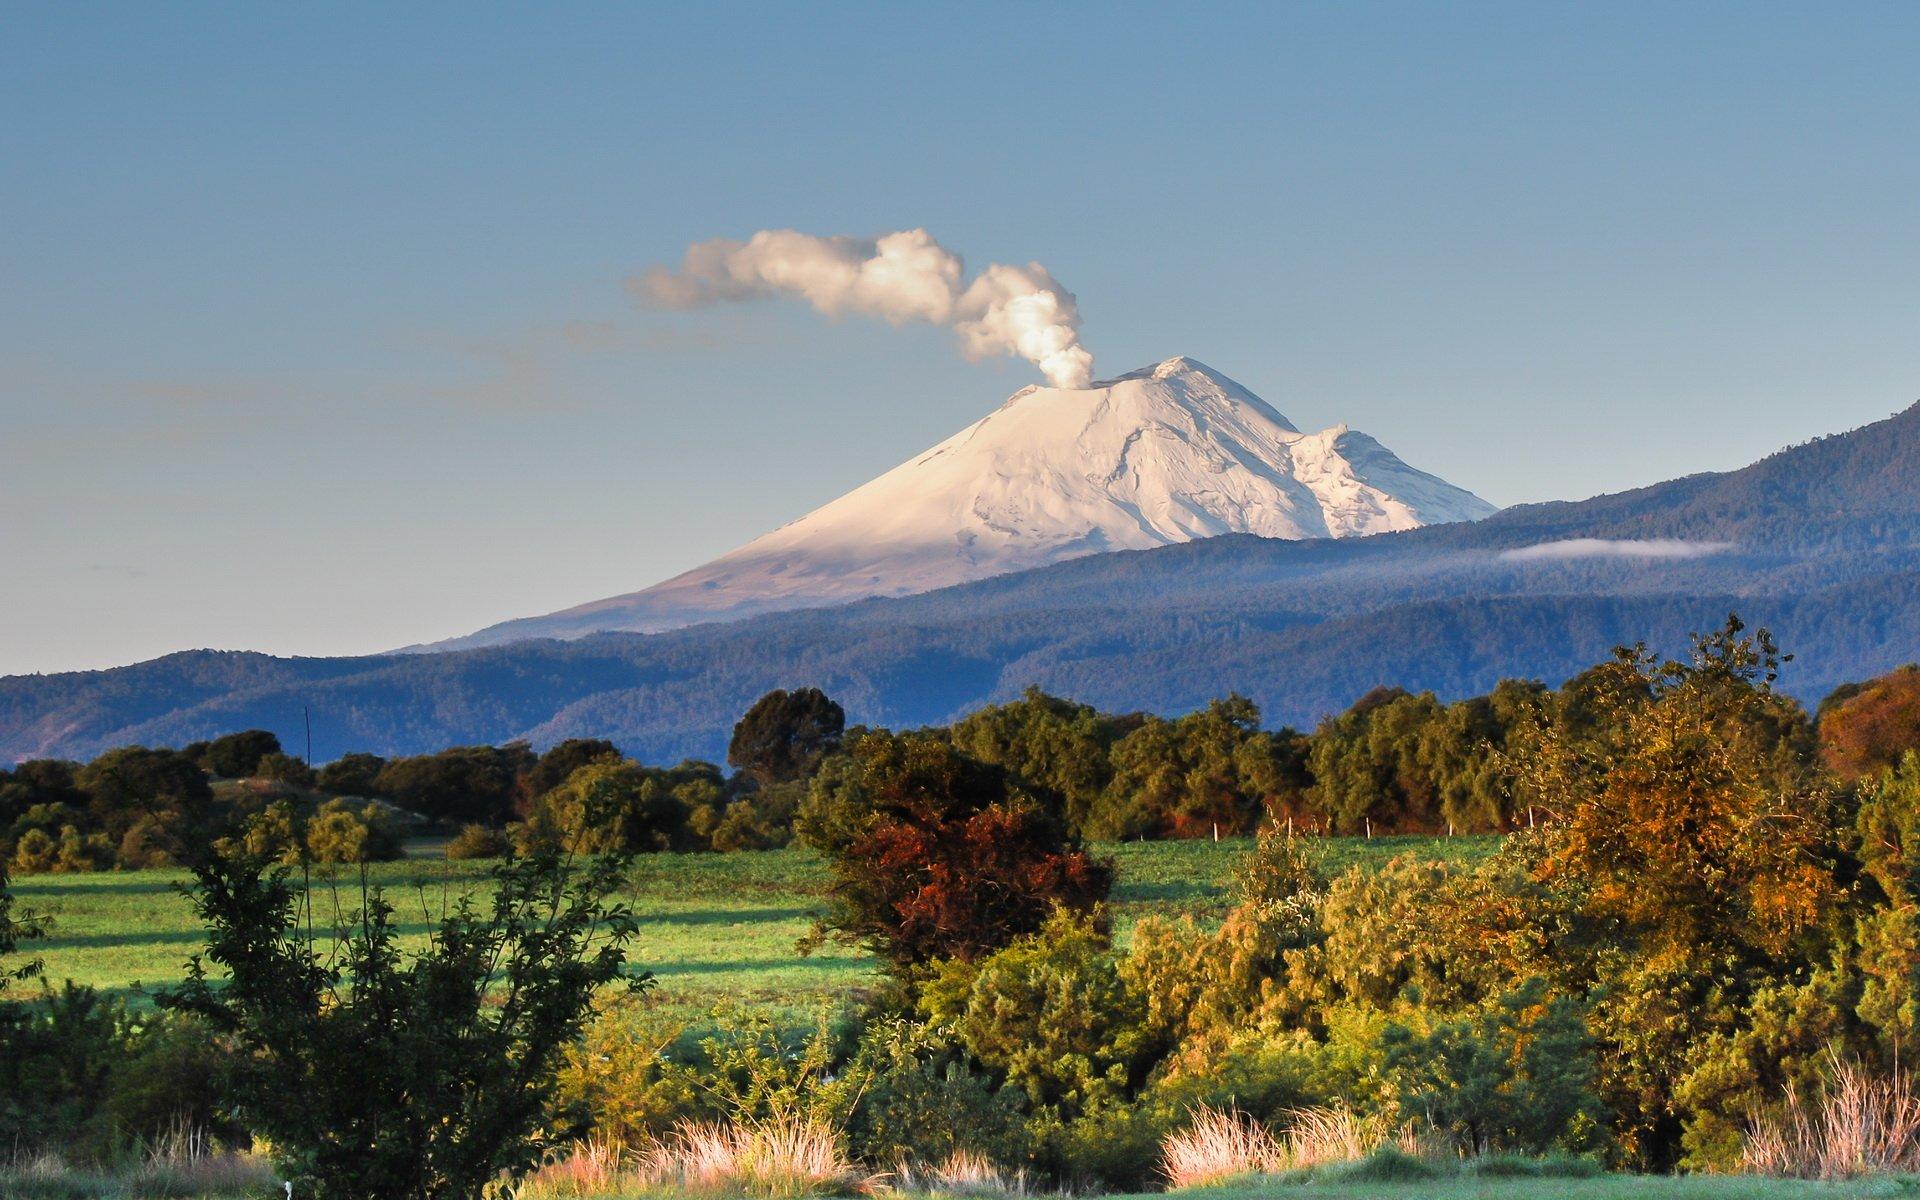 自然 - Popocatépetl  Peak Eruption 火山 墨西哥 壁纸